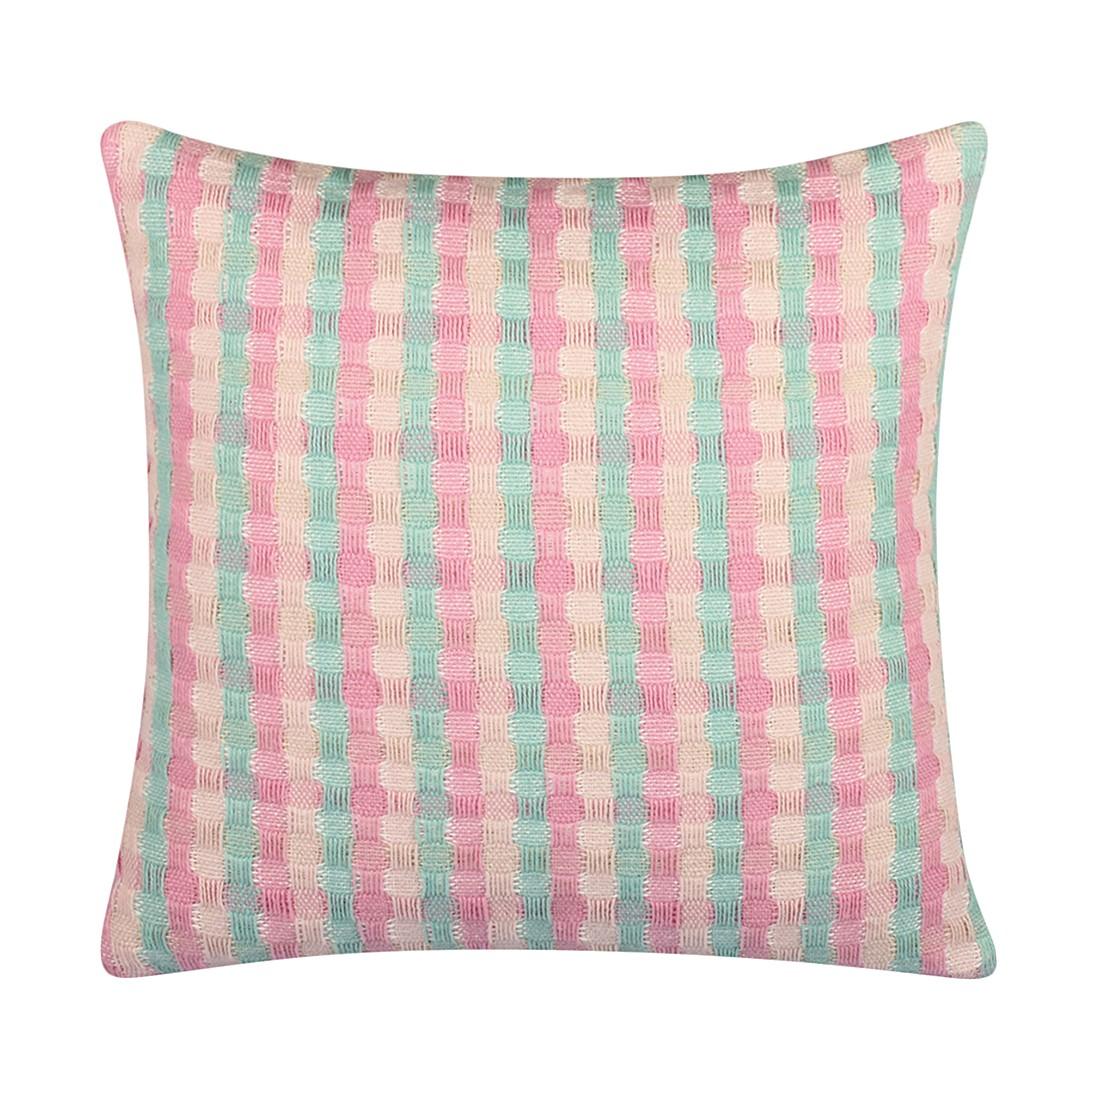 Kissen Sirmione – 45 X 45 cm, Grün, Polyester – Kissenhülle, ohne Füllung, Dutch Decor online bestellen